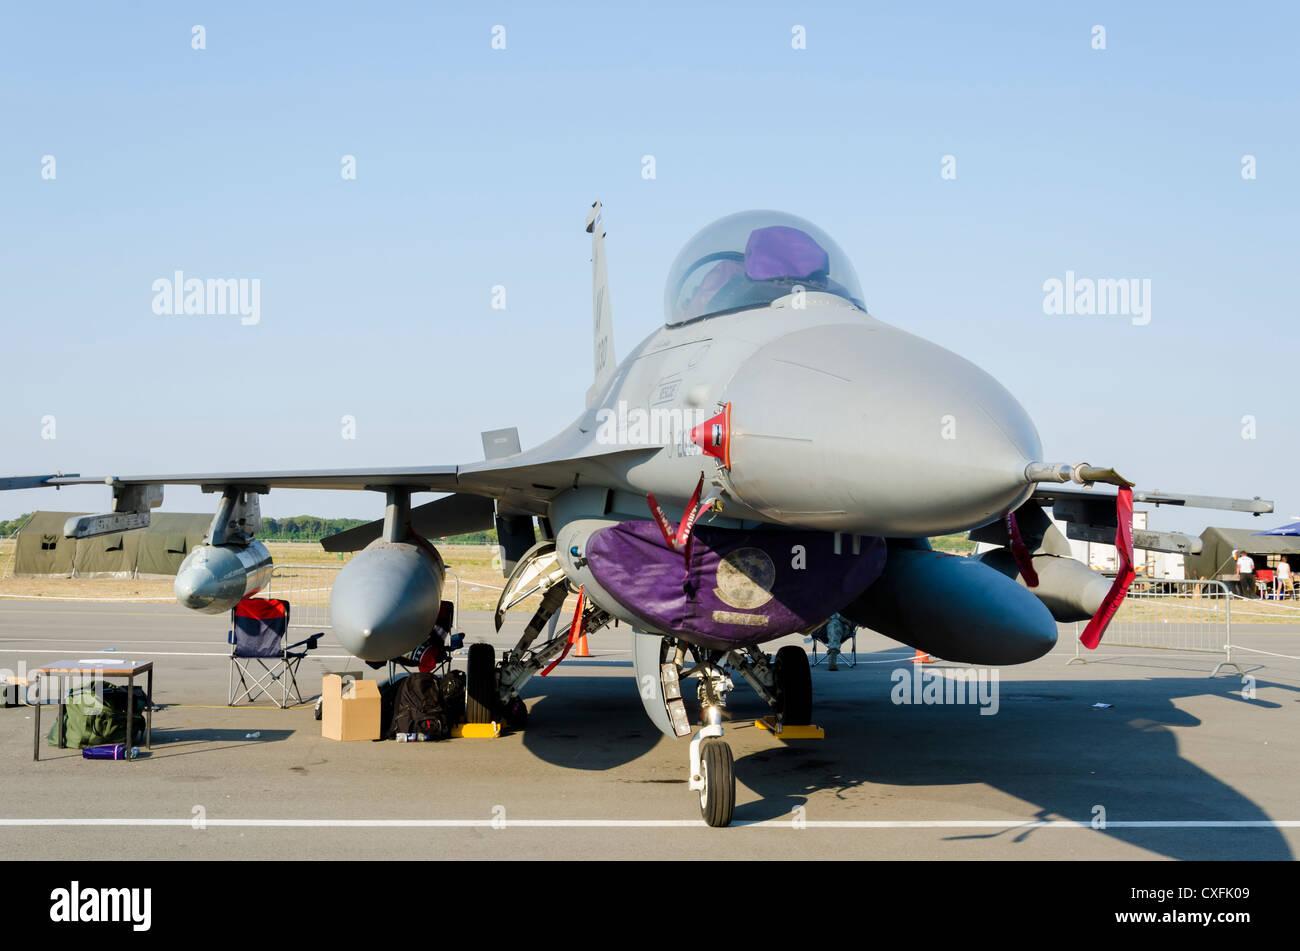 Flugzeug f-16 Fighting Falcon auf der Airshow Batajnica 2012 in Belgrad, Serbien am 2. September 2012. Stockfoto